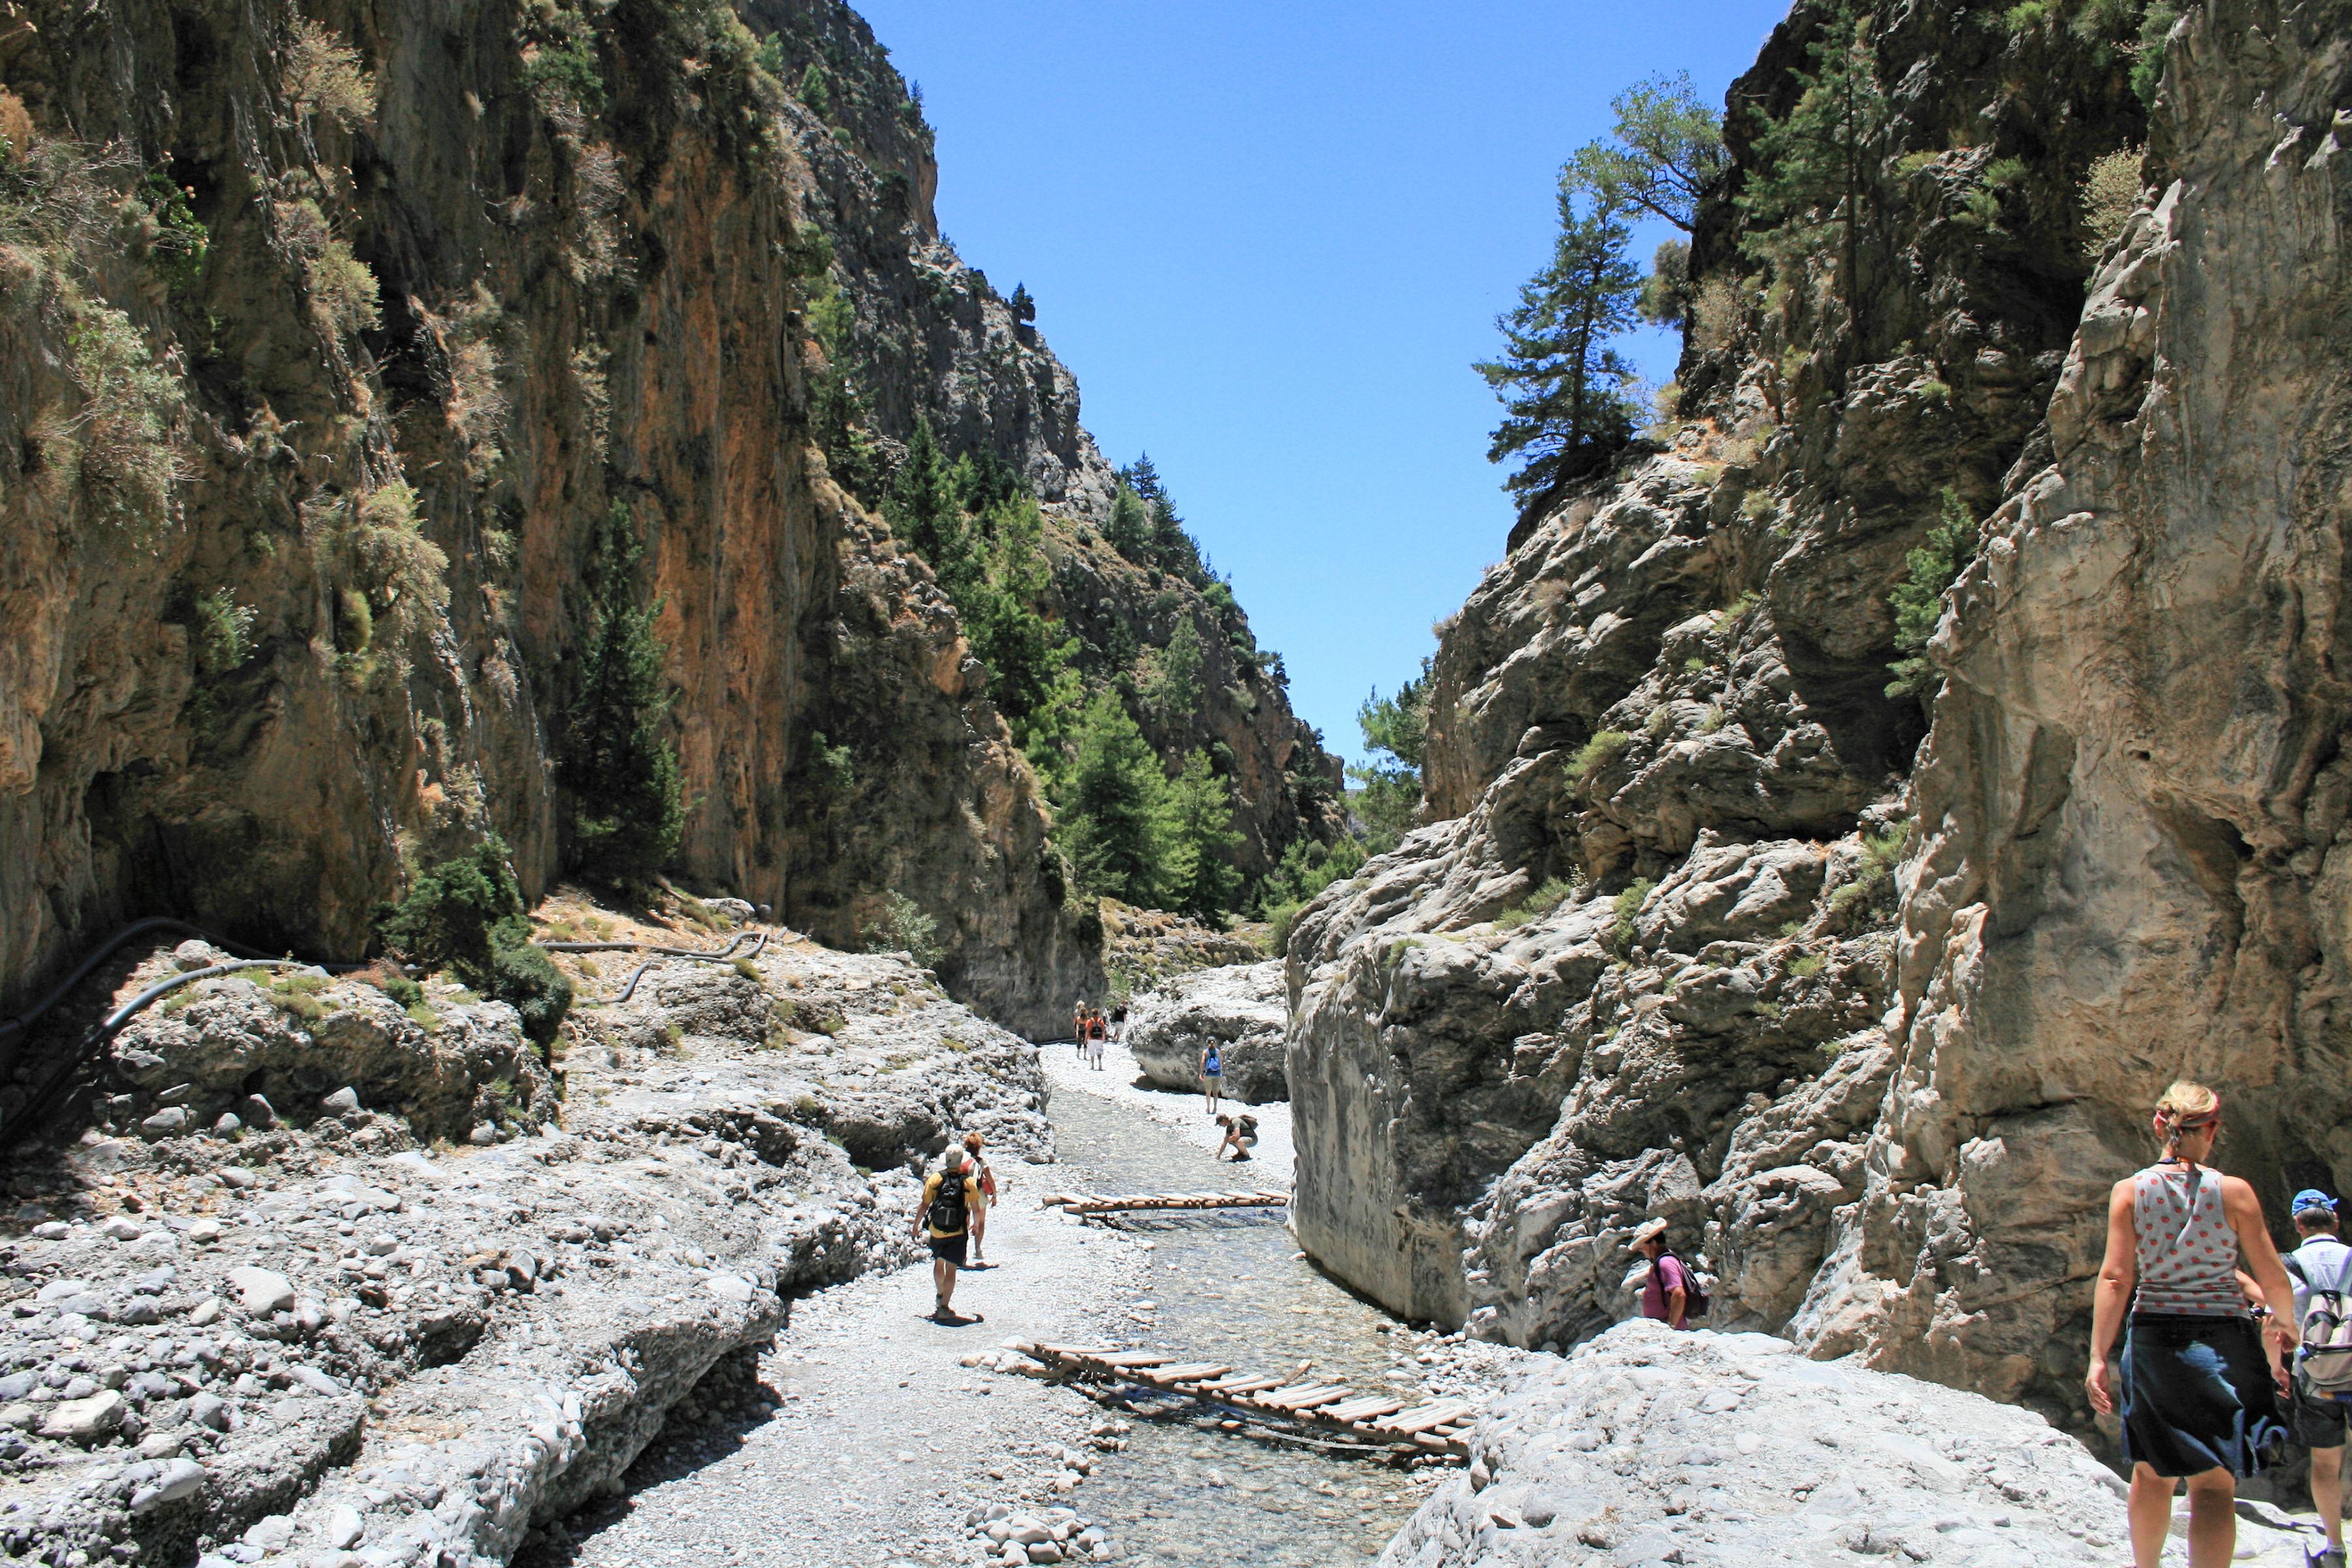 File:Samaria Gorge 17.jpg - Wikimedia Commons